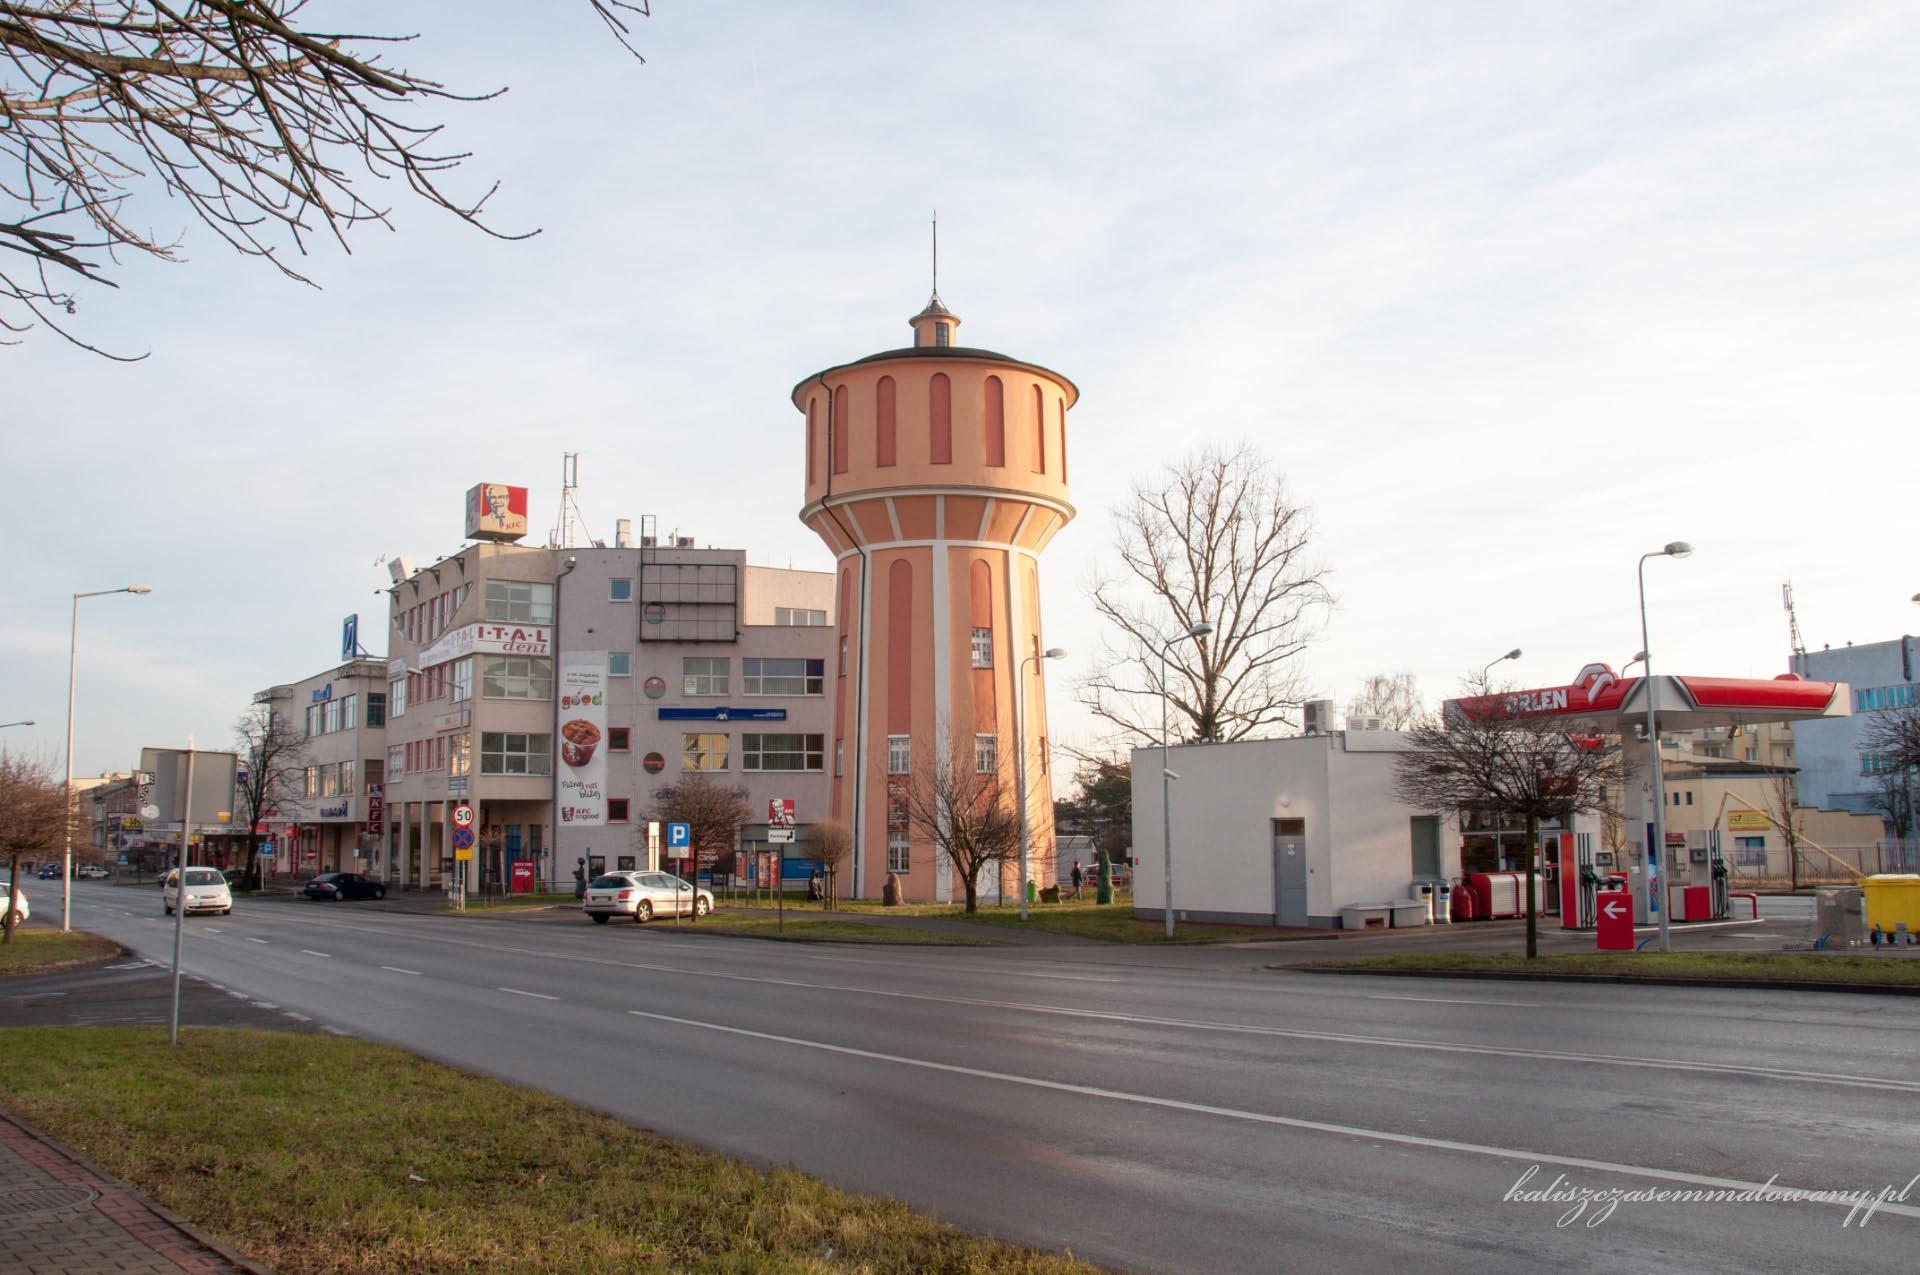 Gornoslaska-15